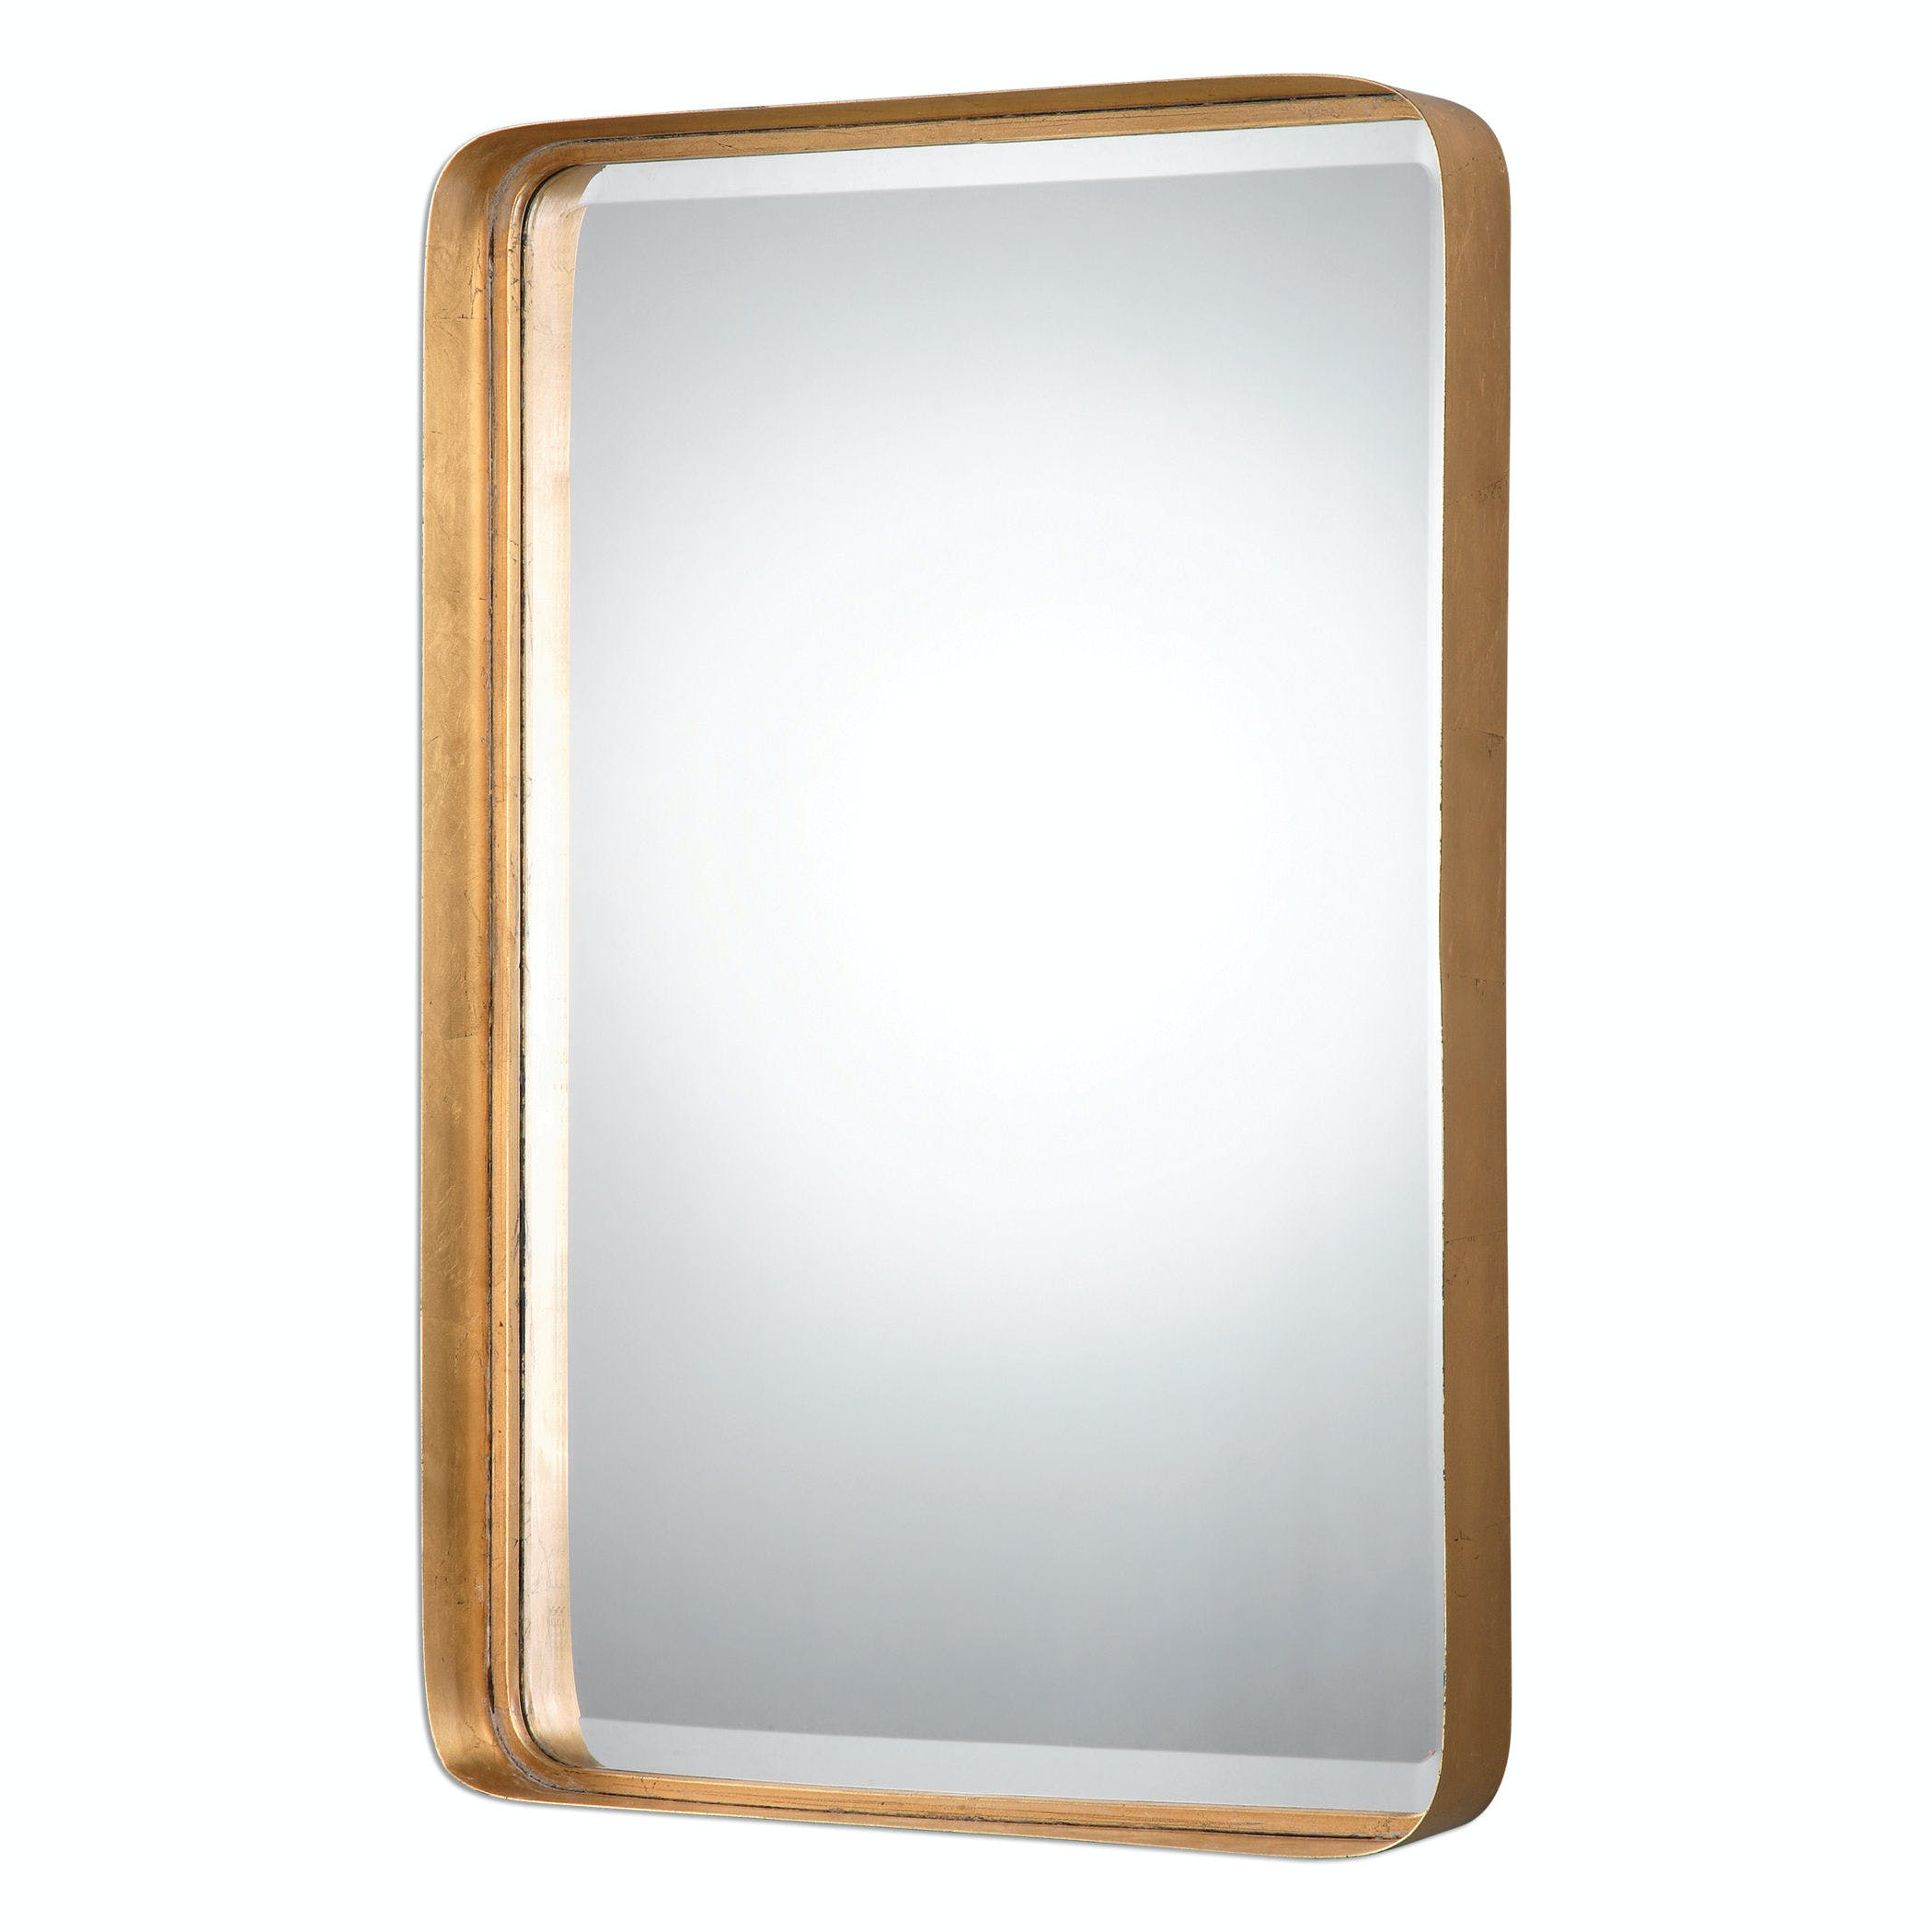 Crofton Antique Gold Mirror Ut13936